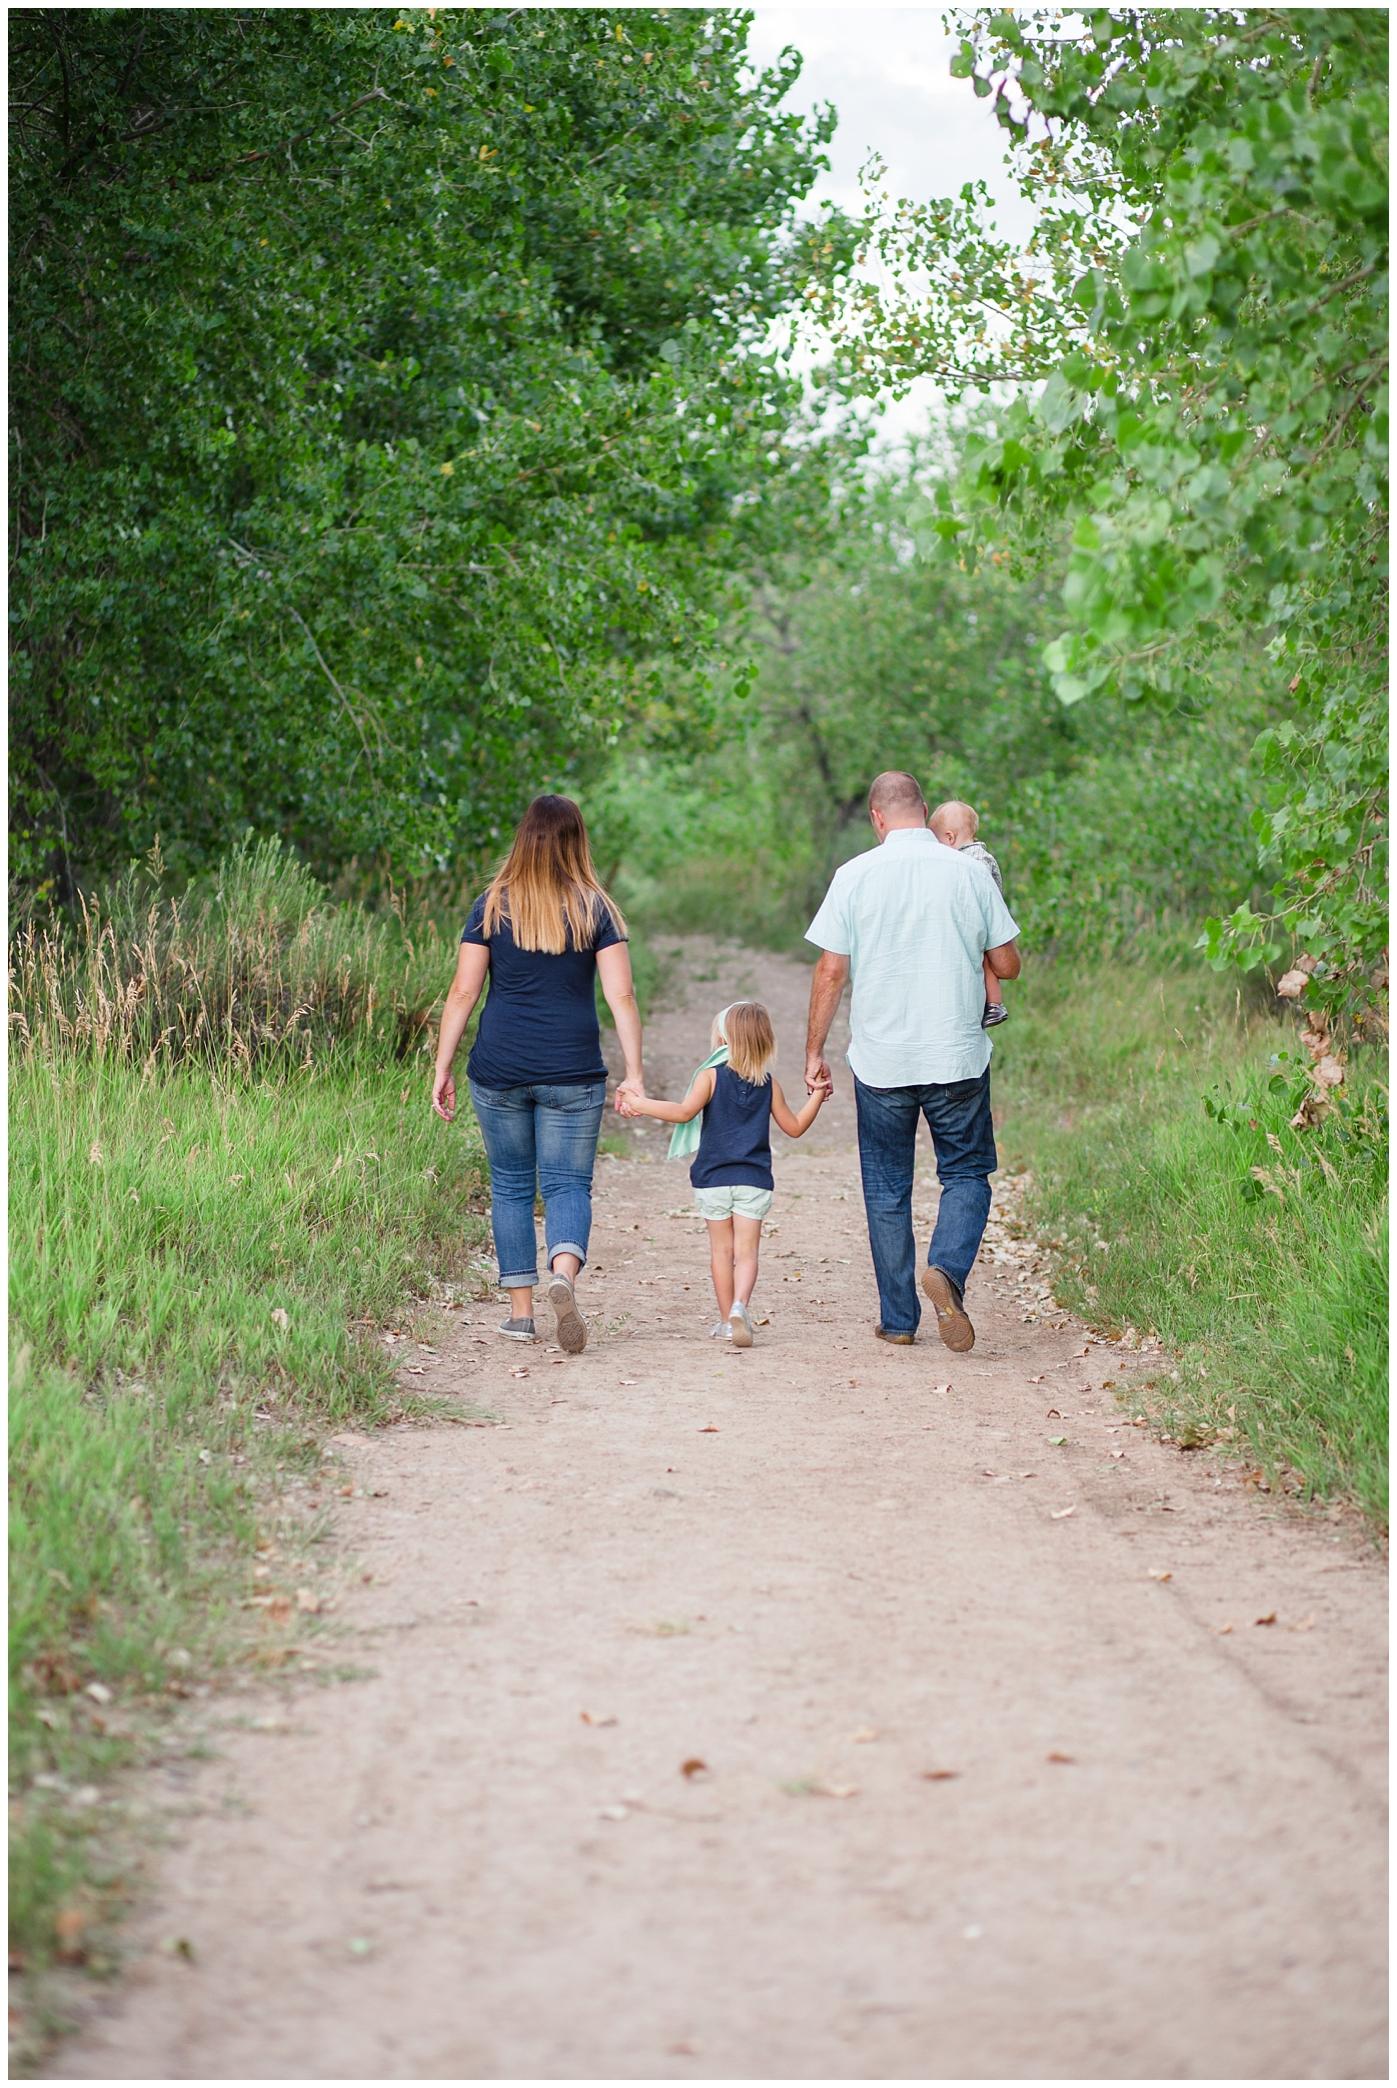 20150728FamilySunderlandJessica001_fort collins family photographer.jpg